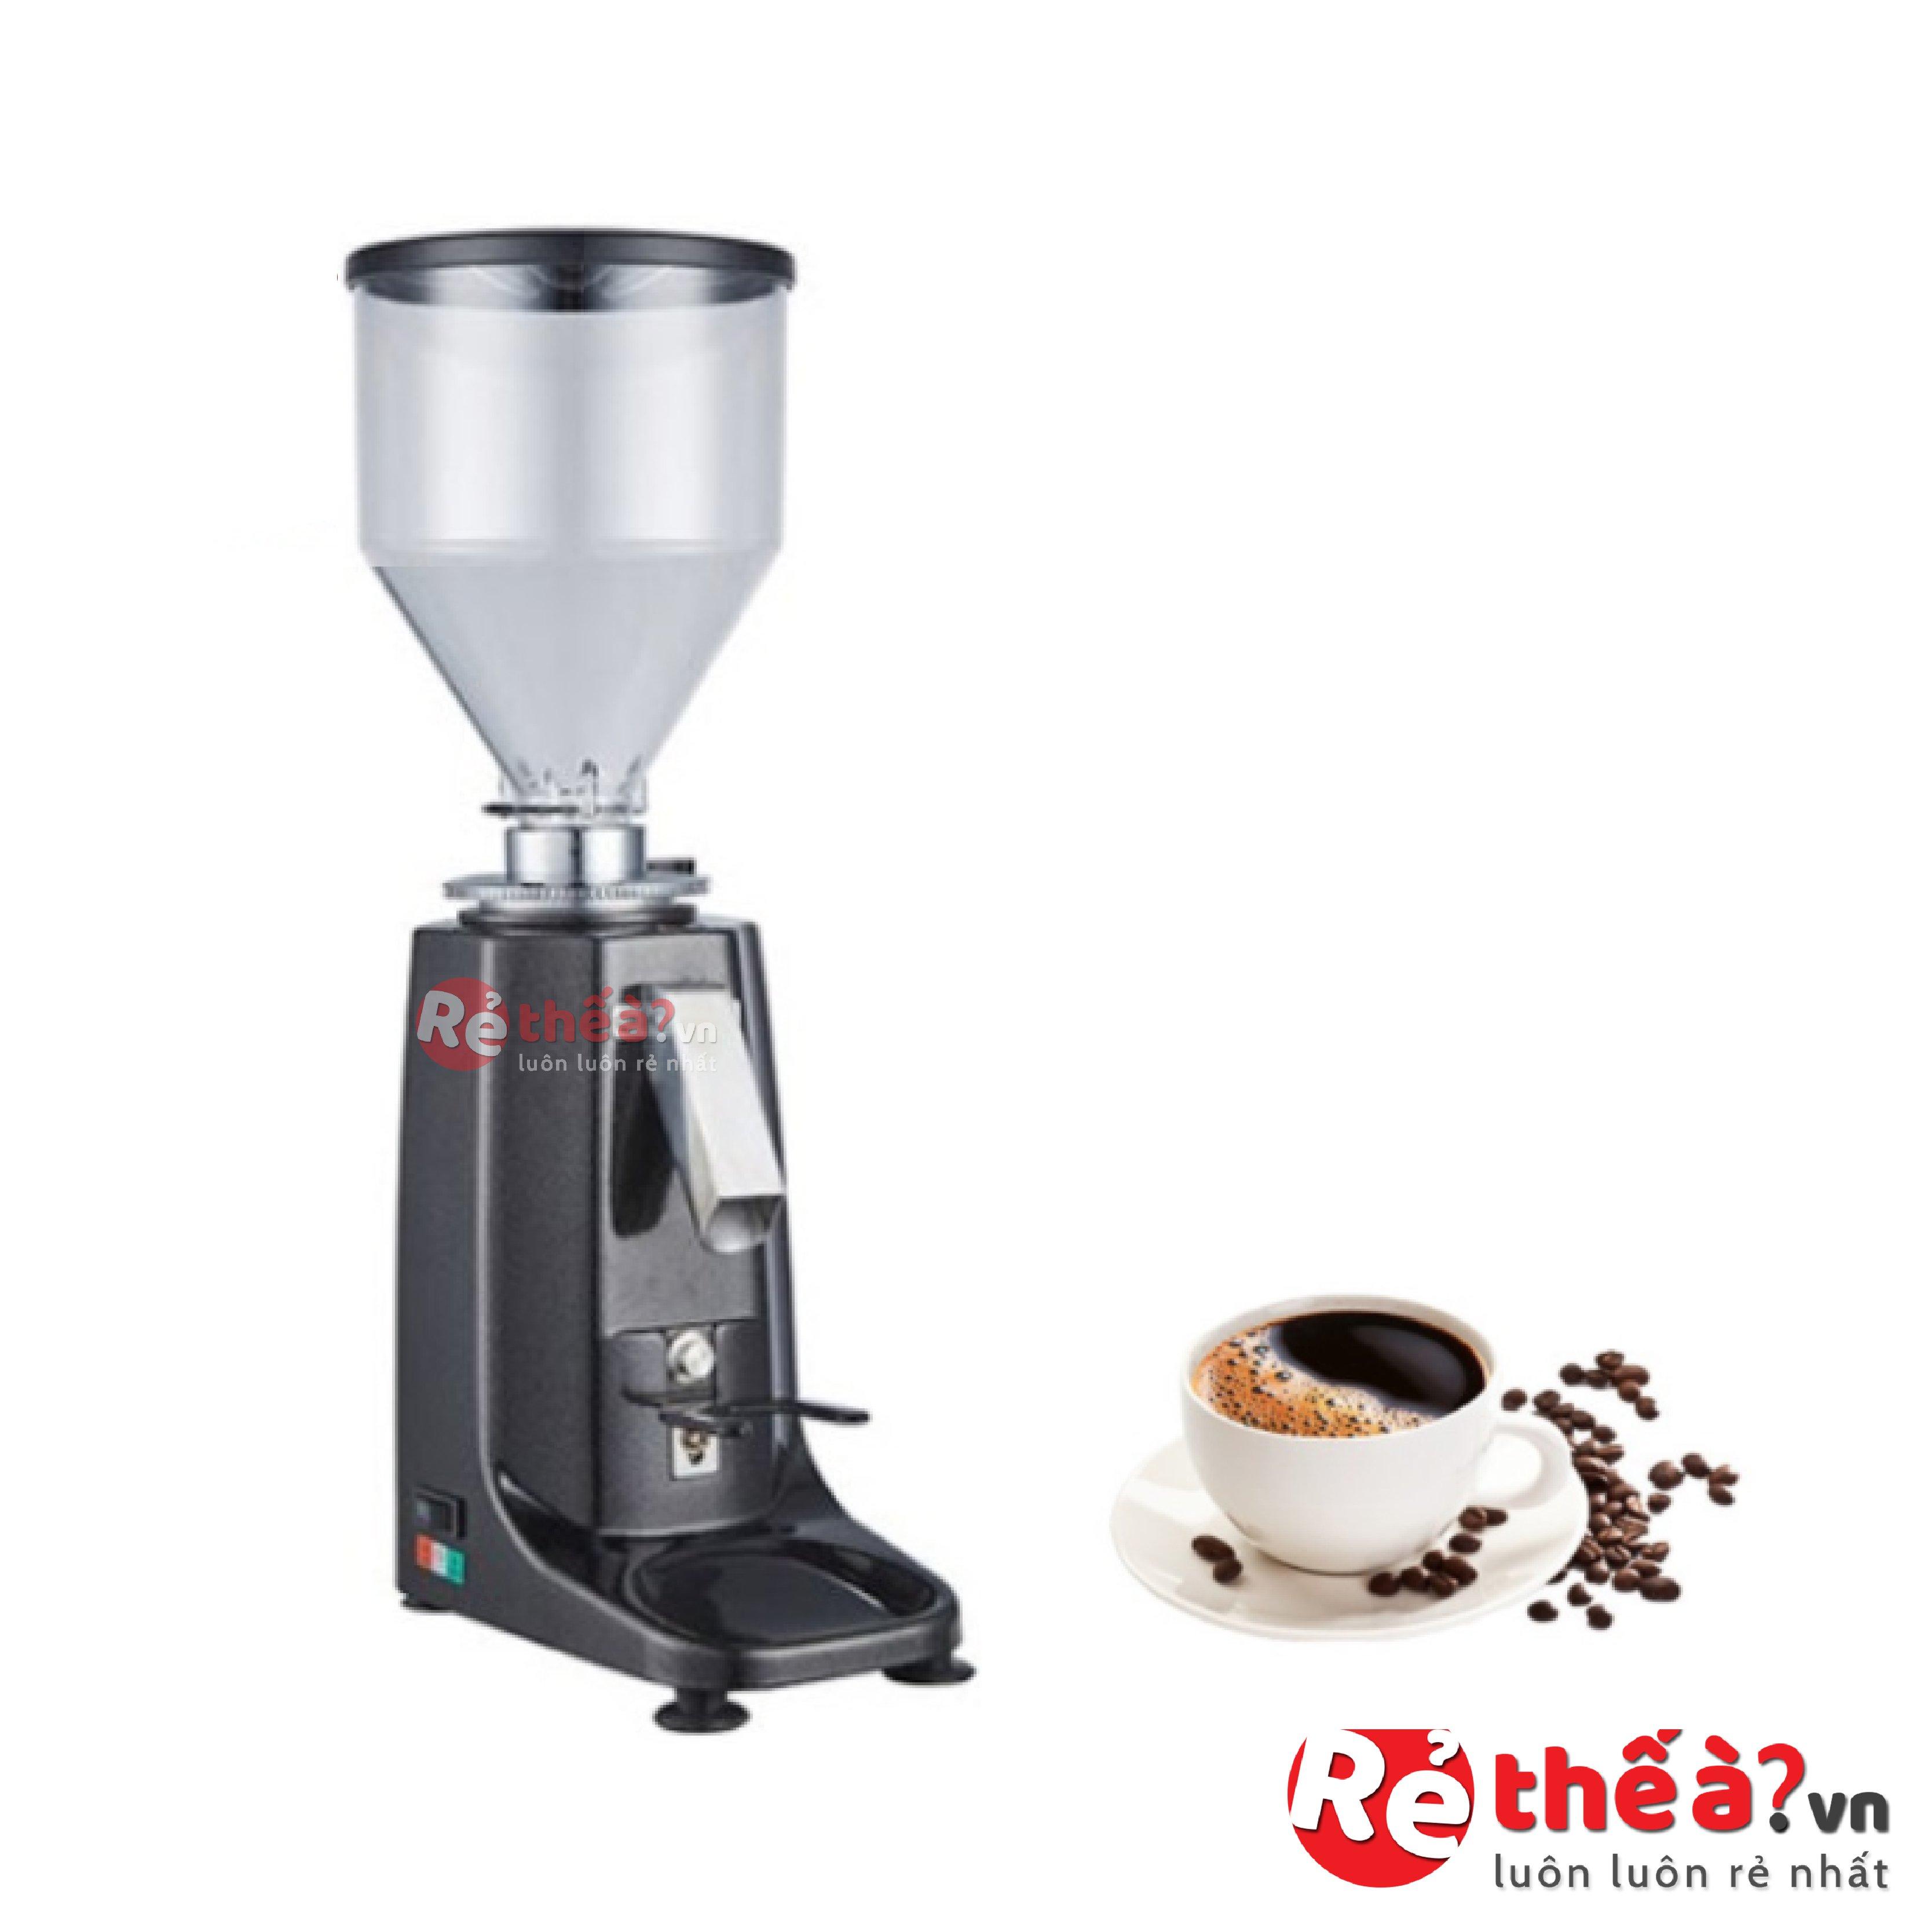 Máy xay cà phê LB-020